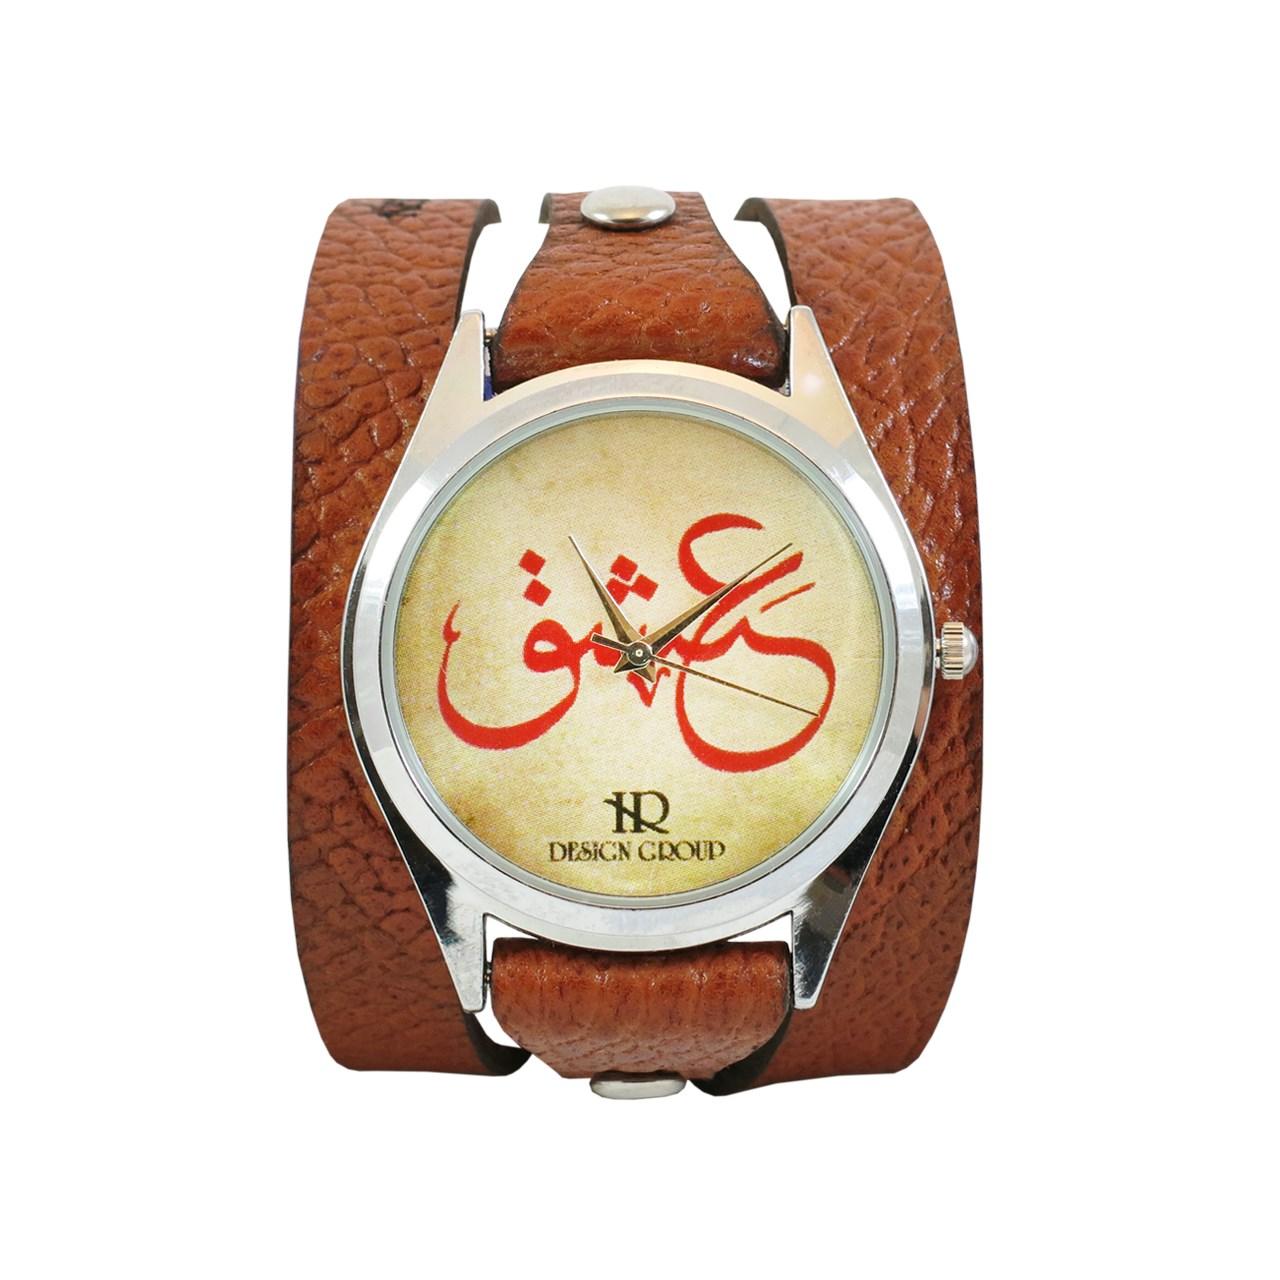 ساعت دست ساز اچ آر دیزاین گروپ مدل 002 21